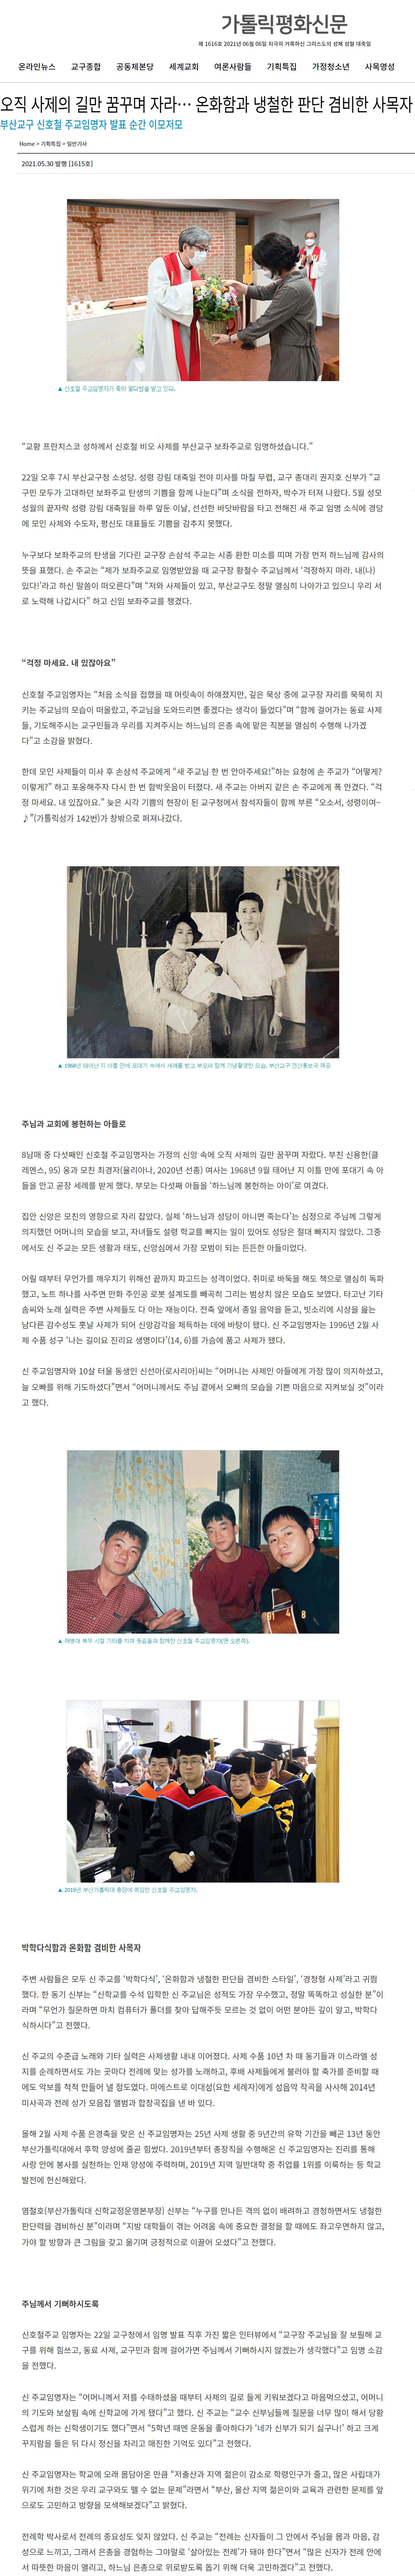 신호철주교님-신앙과삶_가톨릭평화신문.png